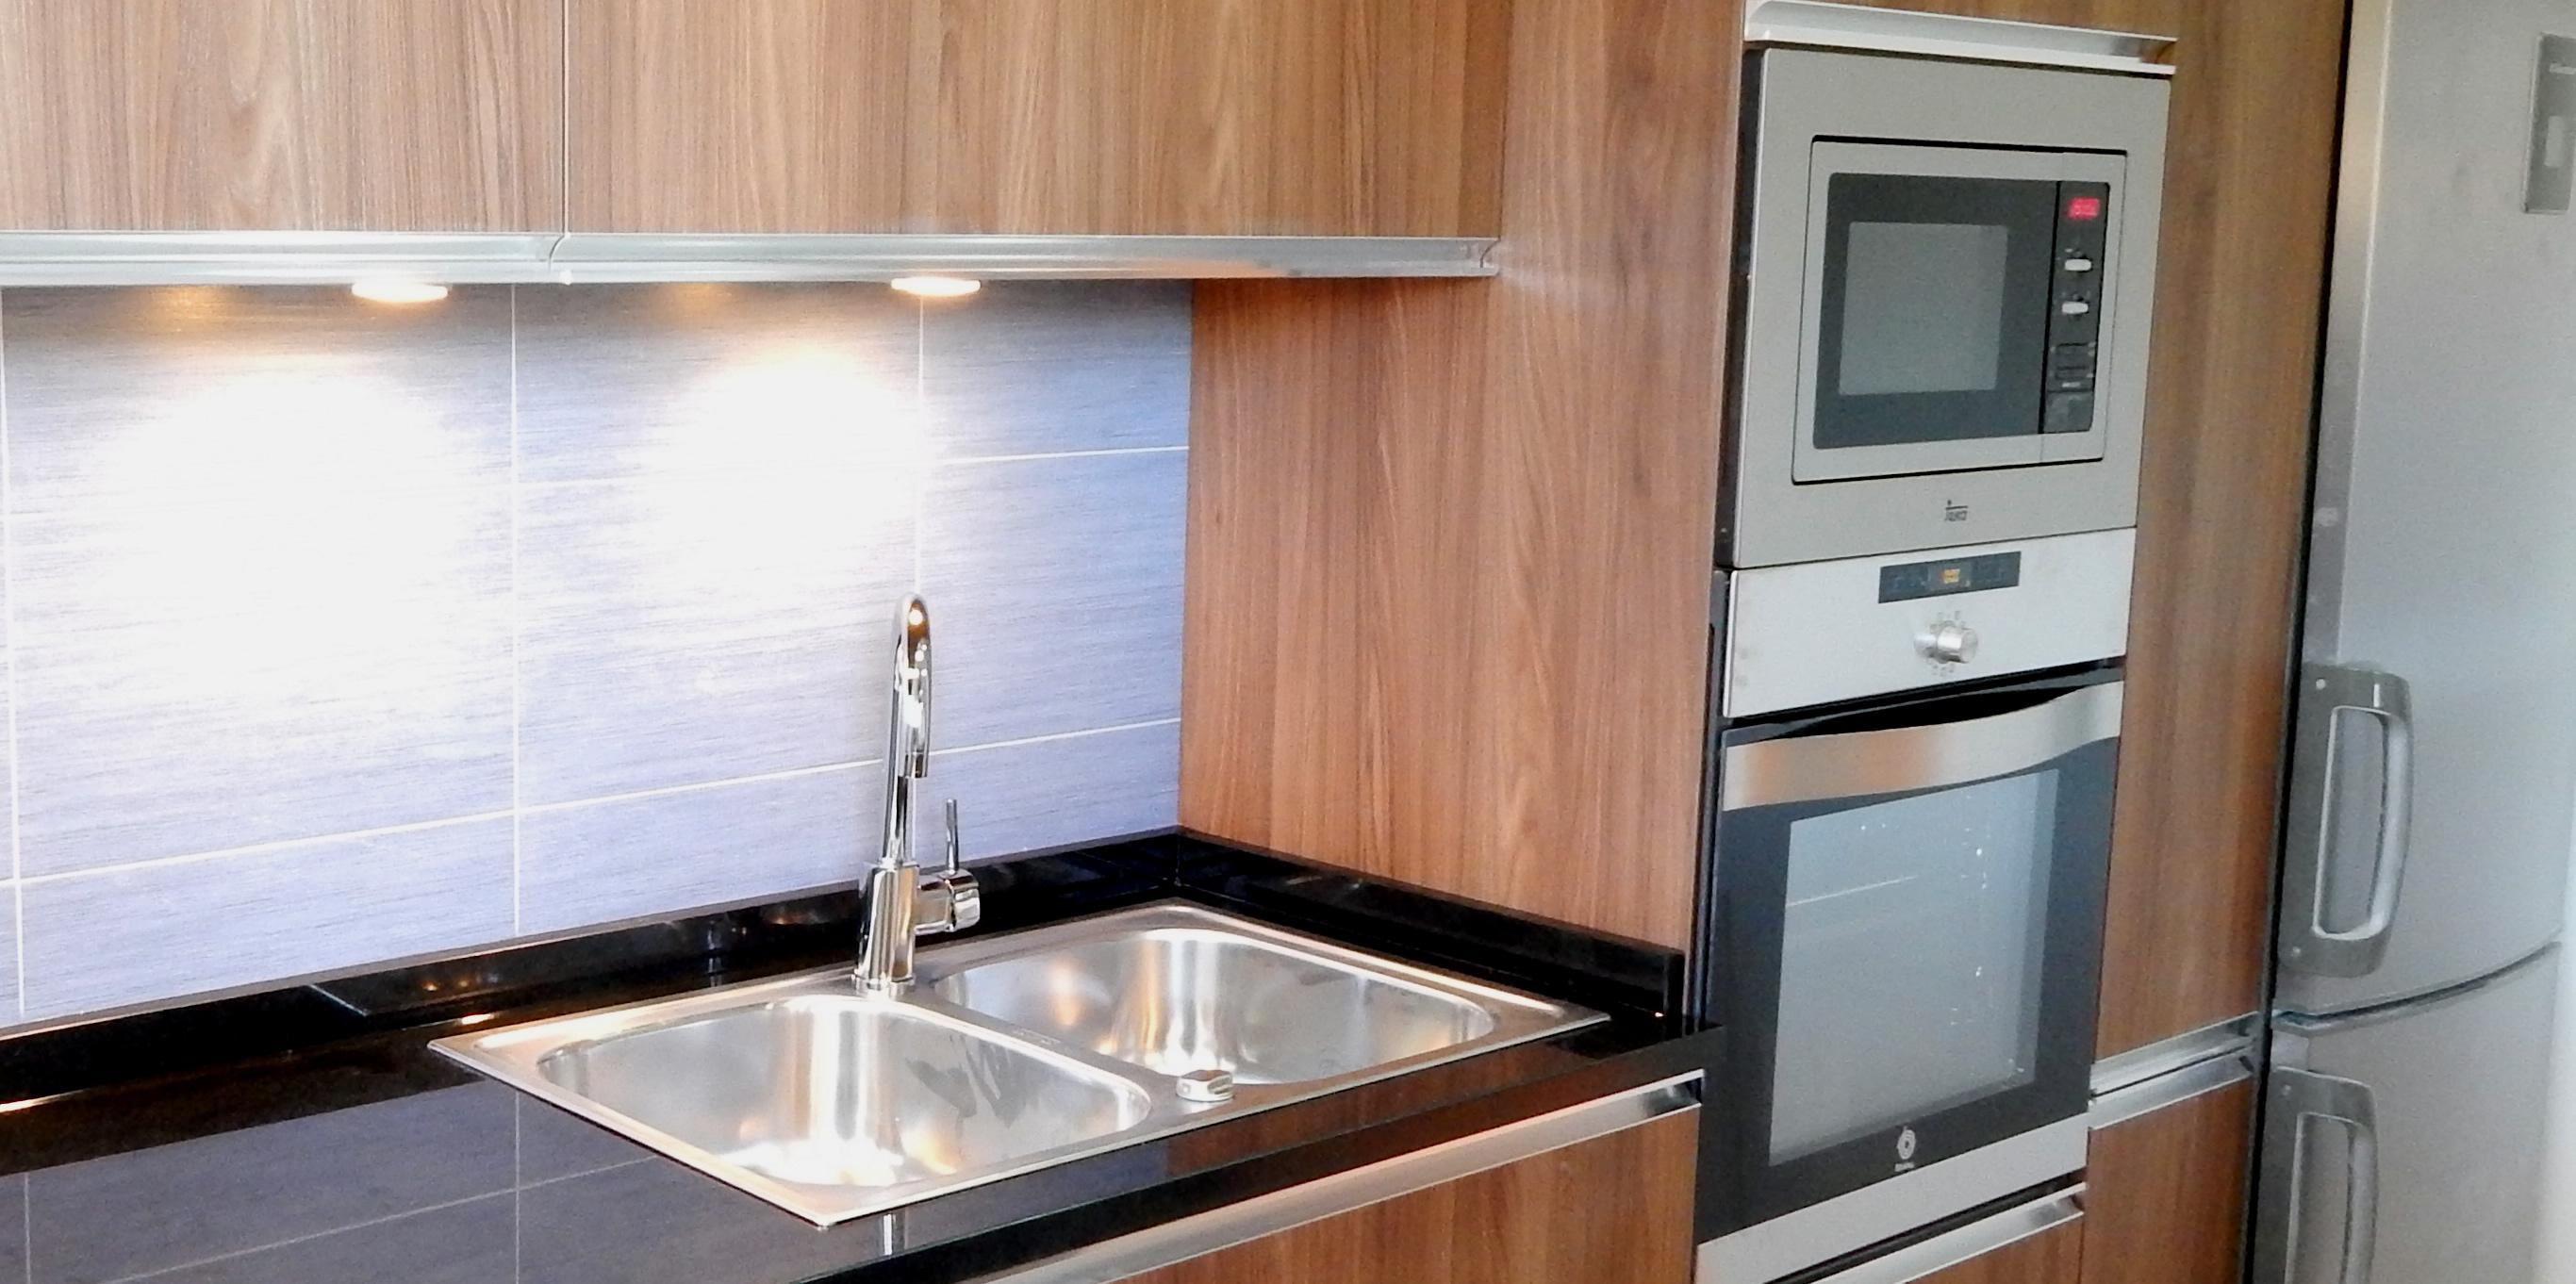 Muebles de cocina en madera - Muebles de cocina modernos fotos ...